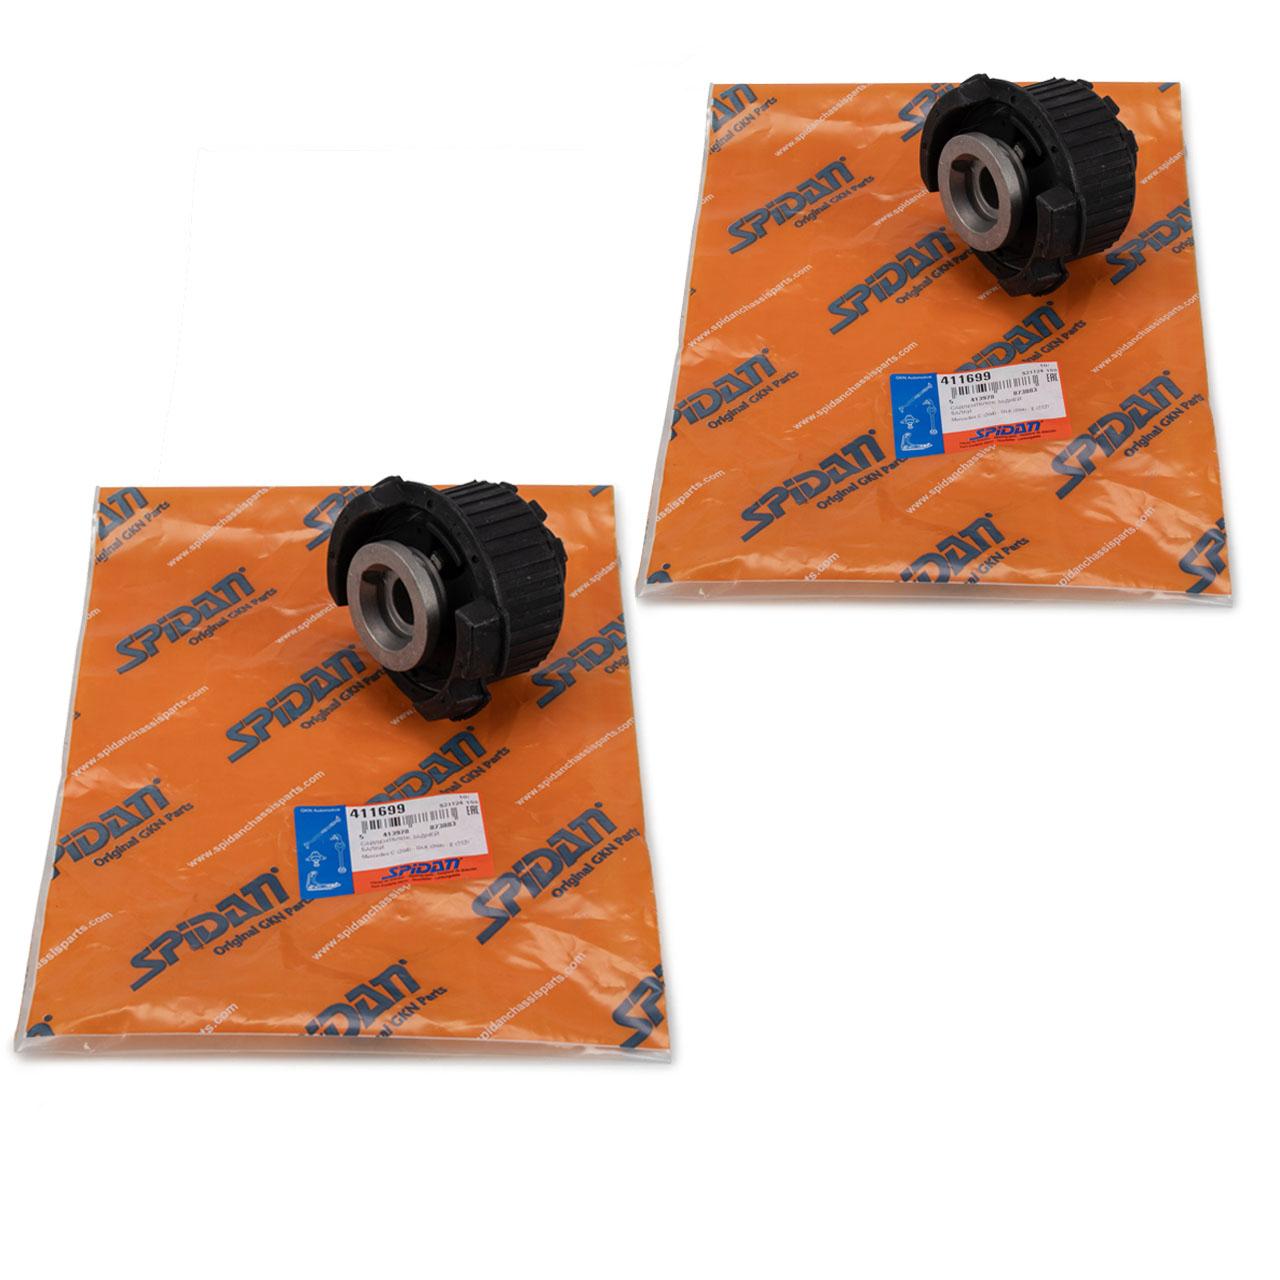 2x SPIDAN 411699 Achskörperlager für MERCEDES W204 C218 / X218 W212 hinten